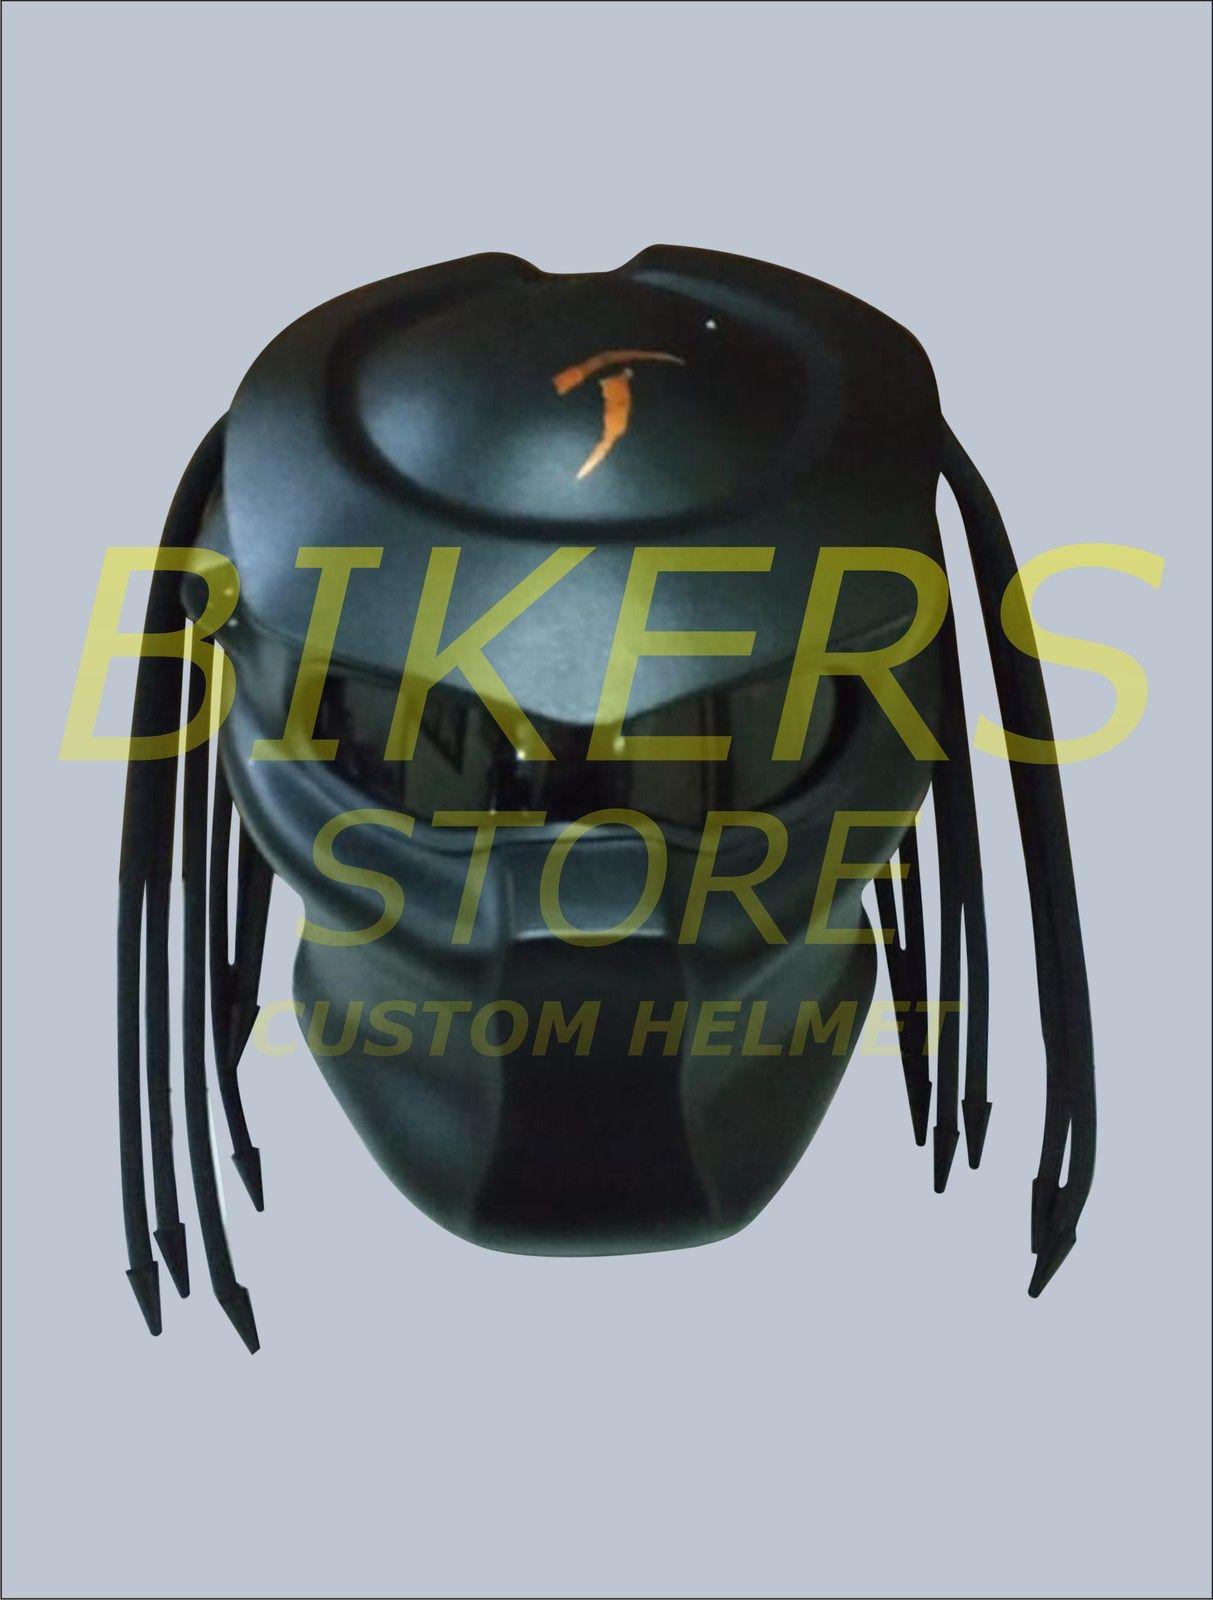 Pin by bikers store on Motorcycle helmets Predator